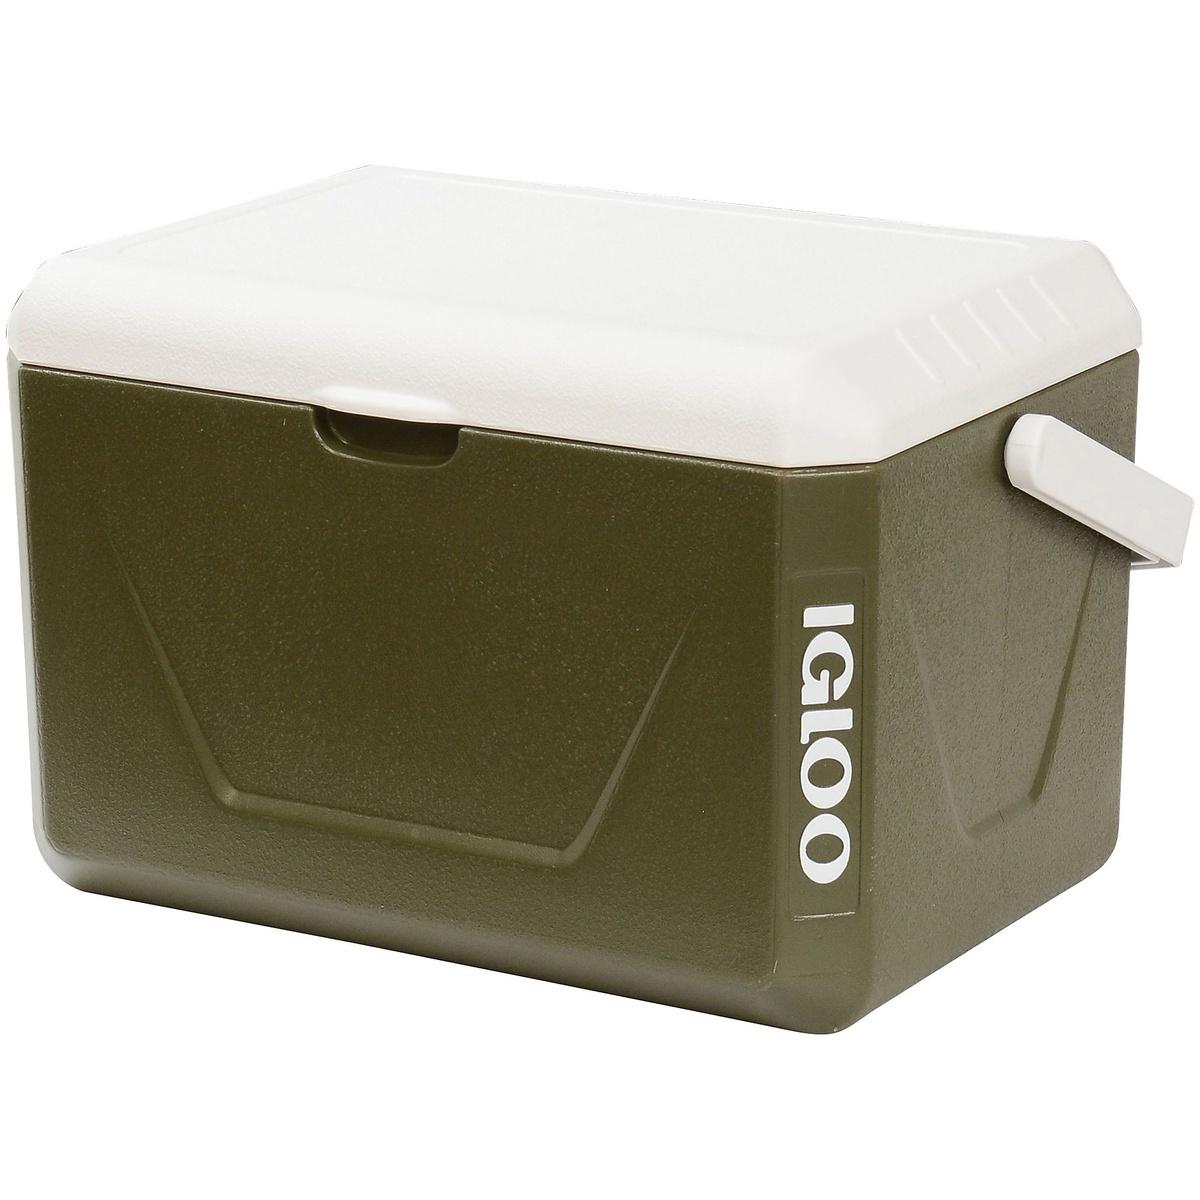 イグルー キャンプ用品 クーラーボックス ハードクーラー 小型 中型 10L~30L リットル 11L 132807 TANK 激安超特価 NESTING IGLOO アウトレット GREEN COOLER